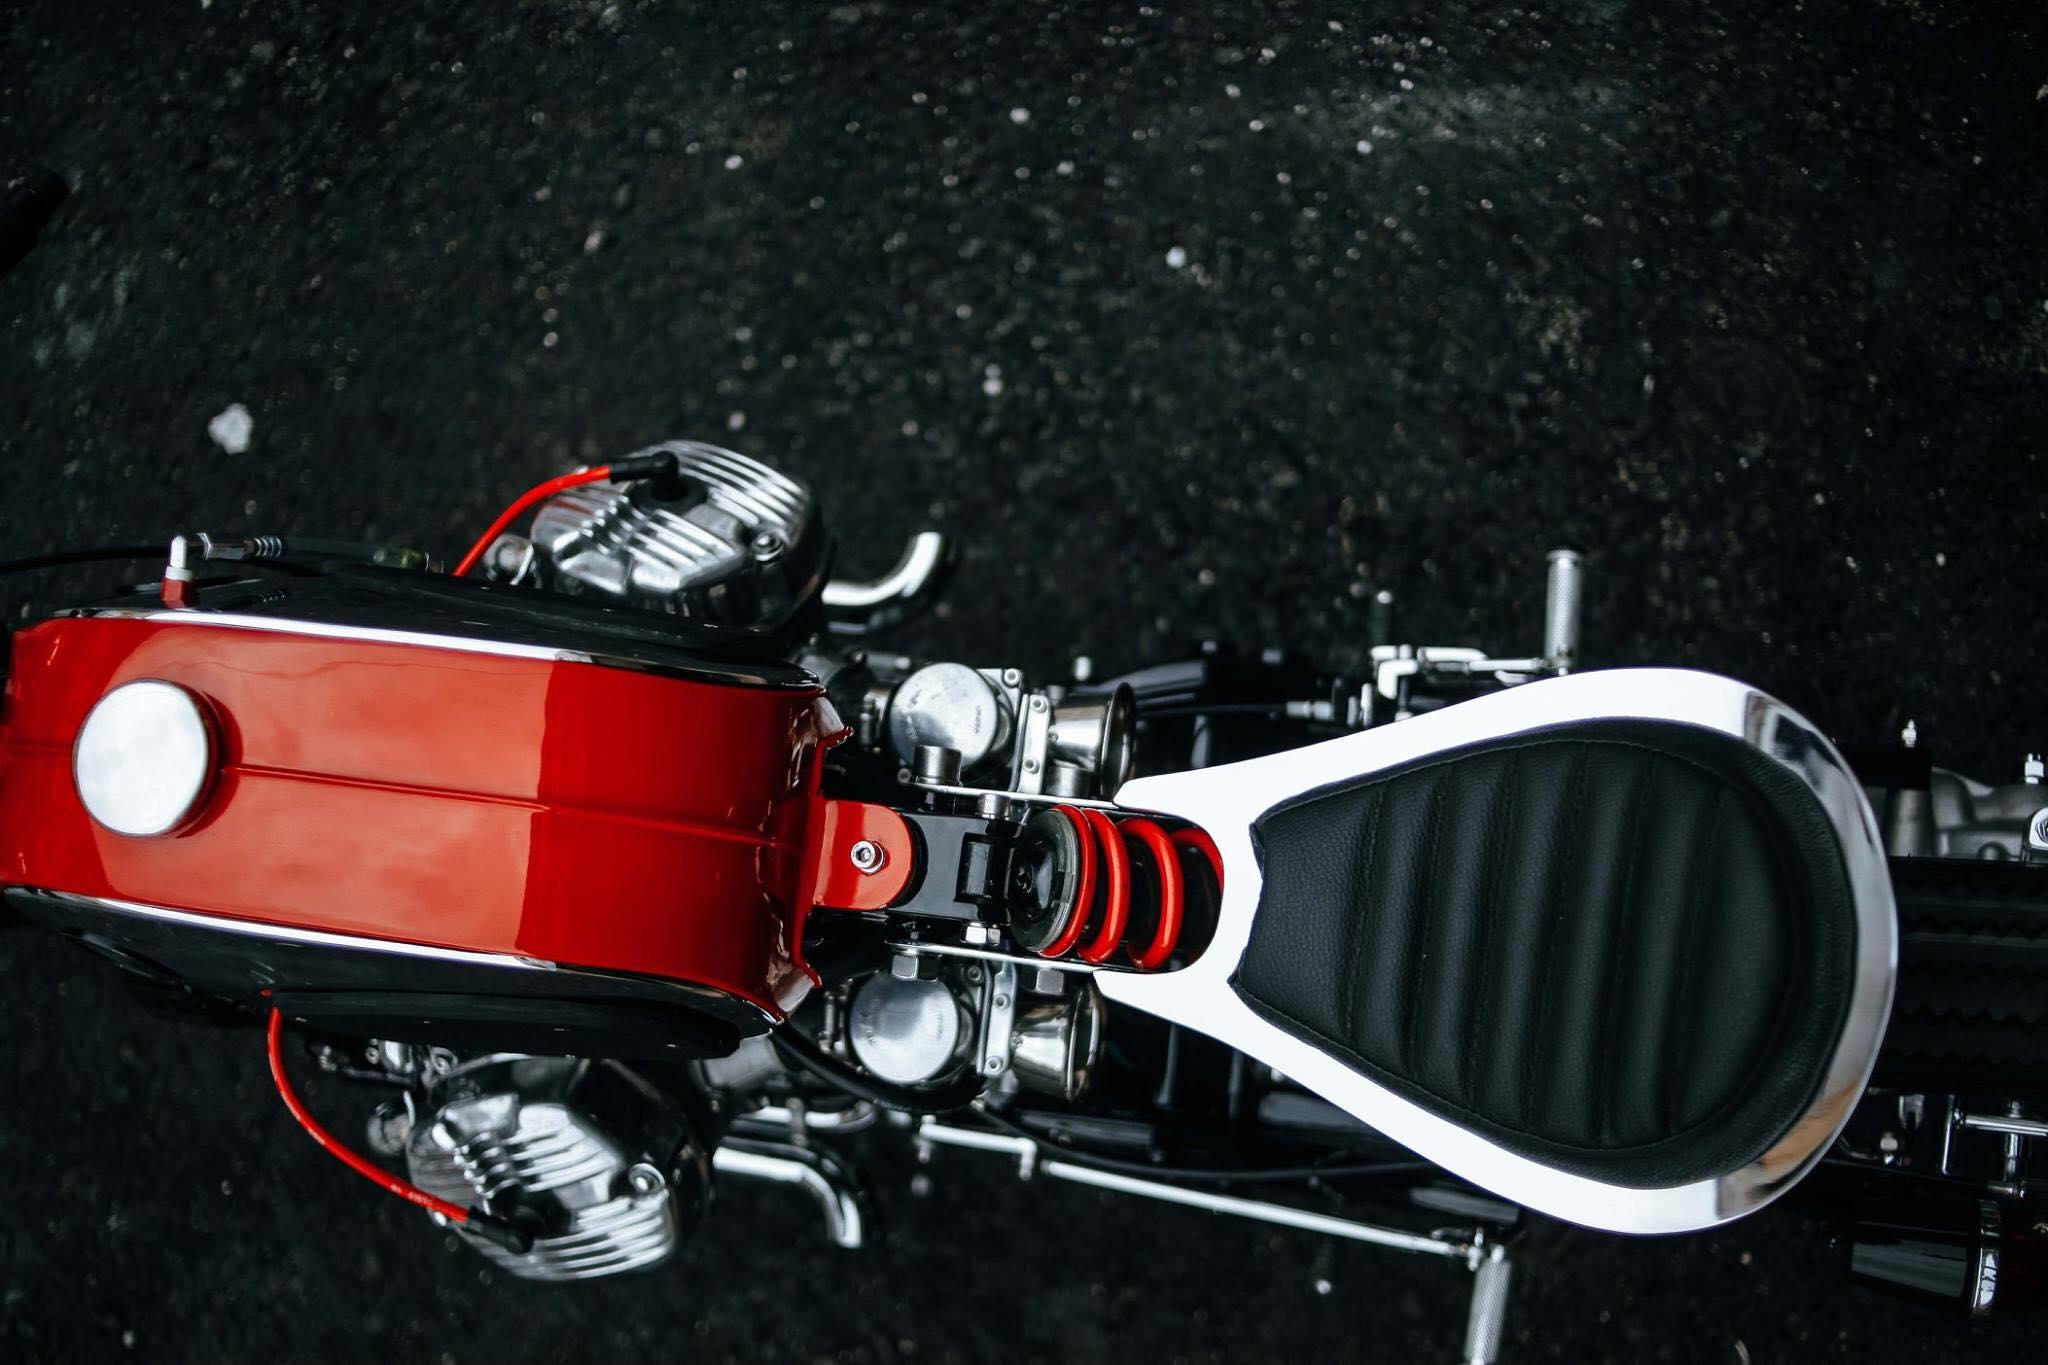 Rusty_Factory_Custom_Honda_CX500_Moto-Mucci (5).jpg